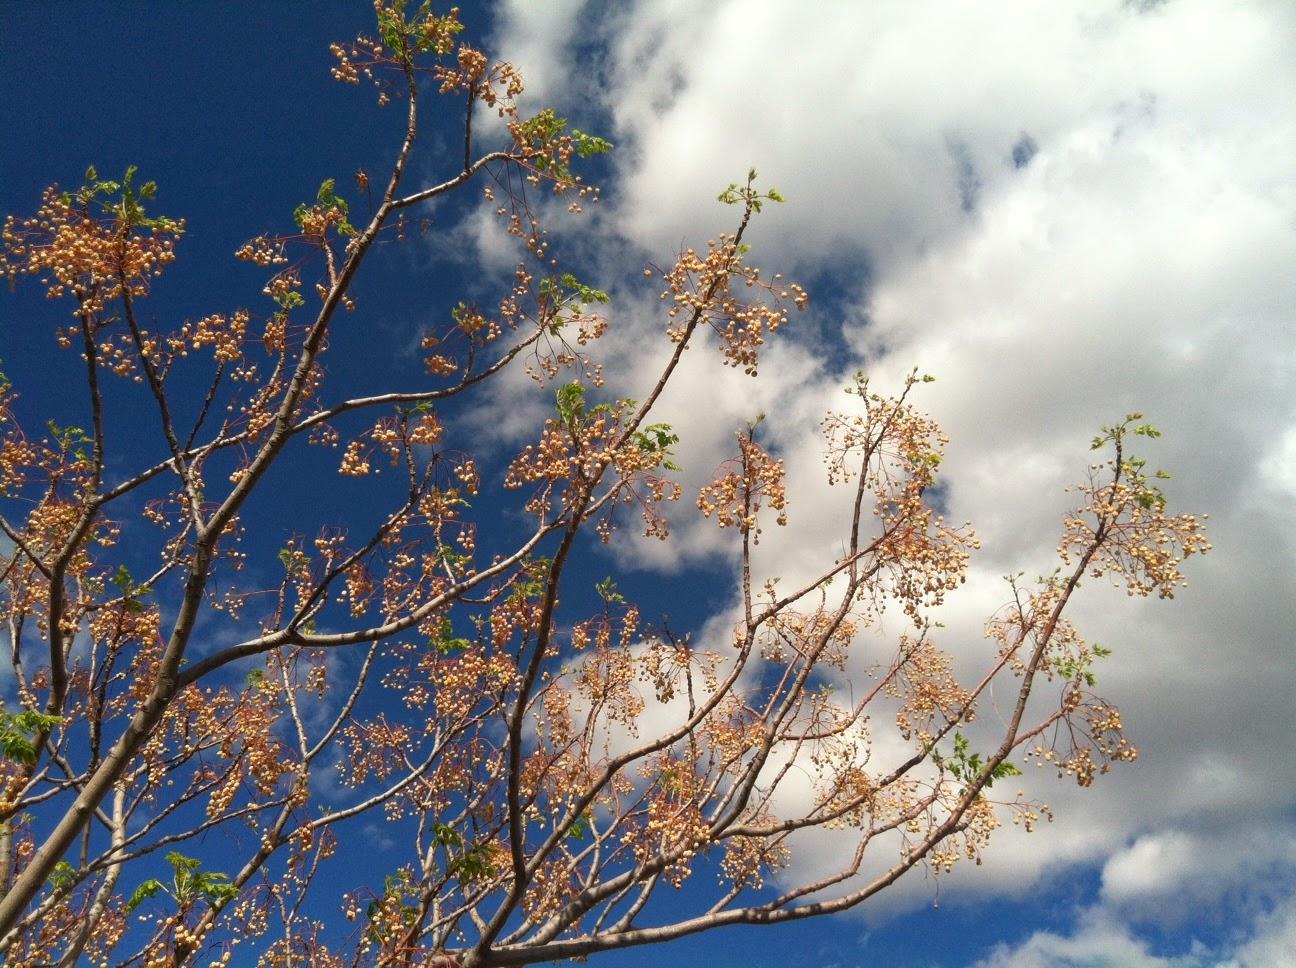 Sky Greeting by Maja Trochimczyk